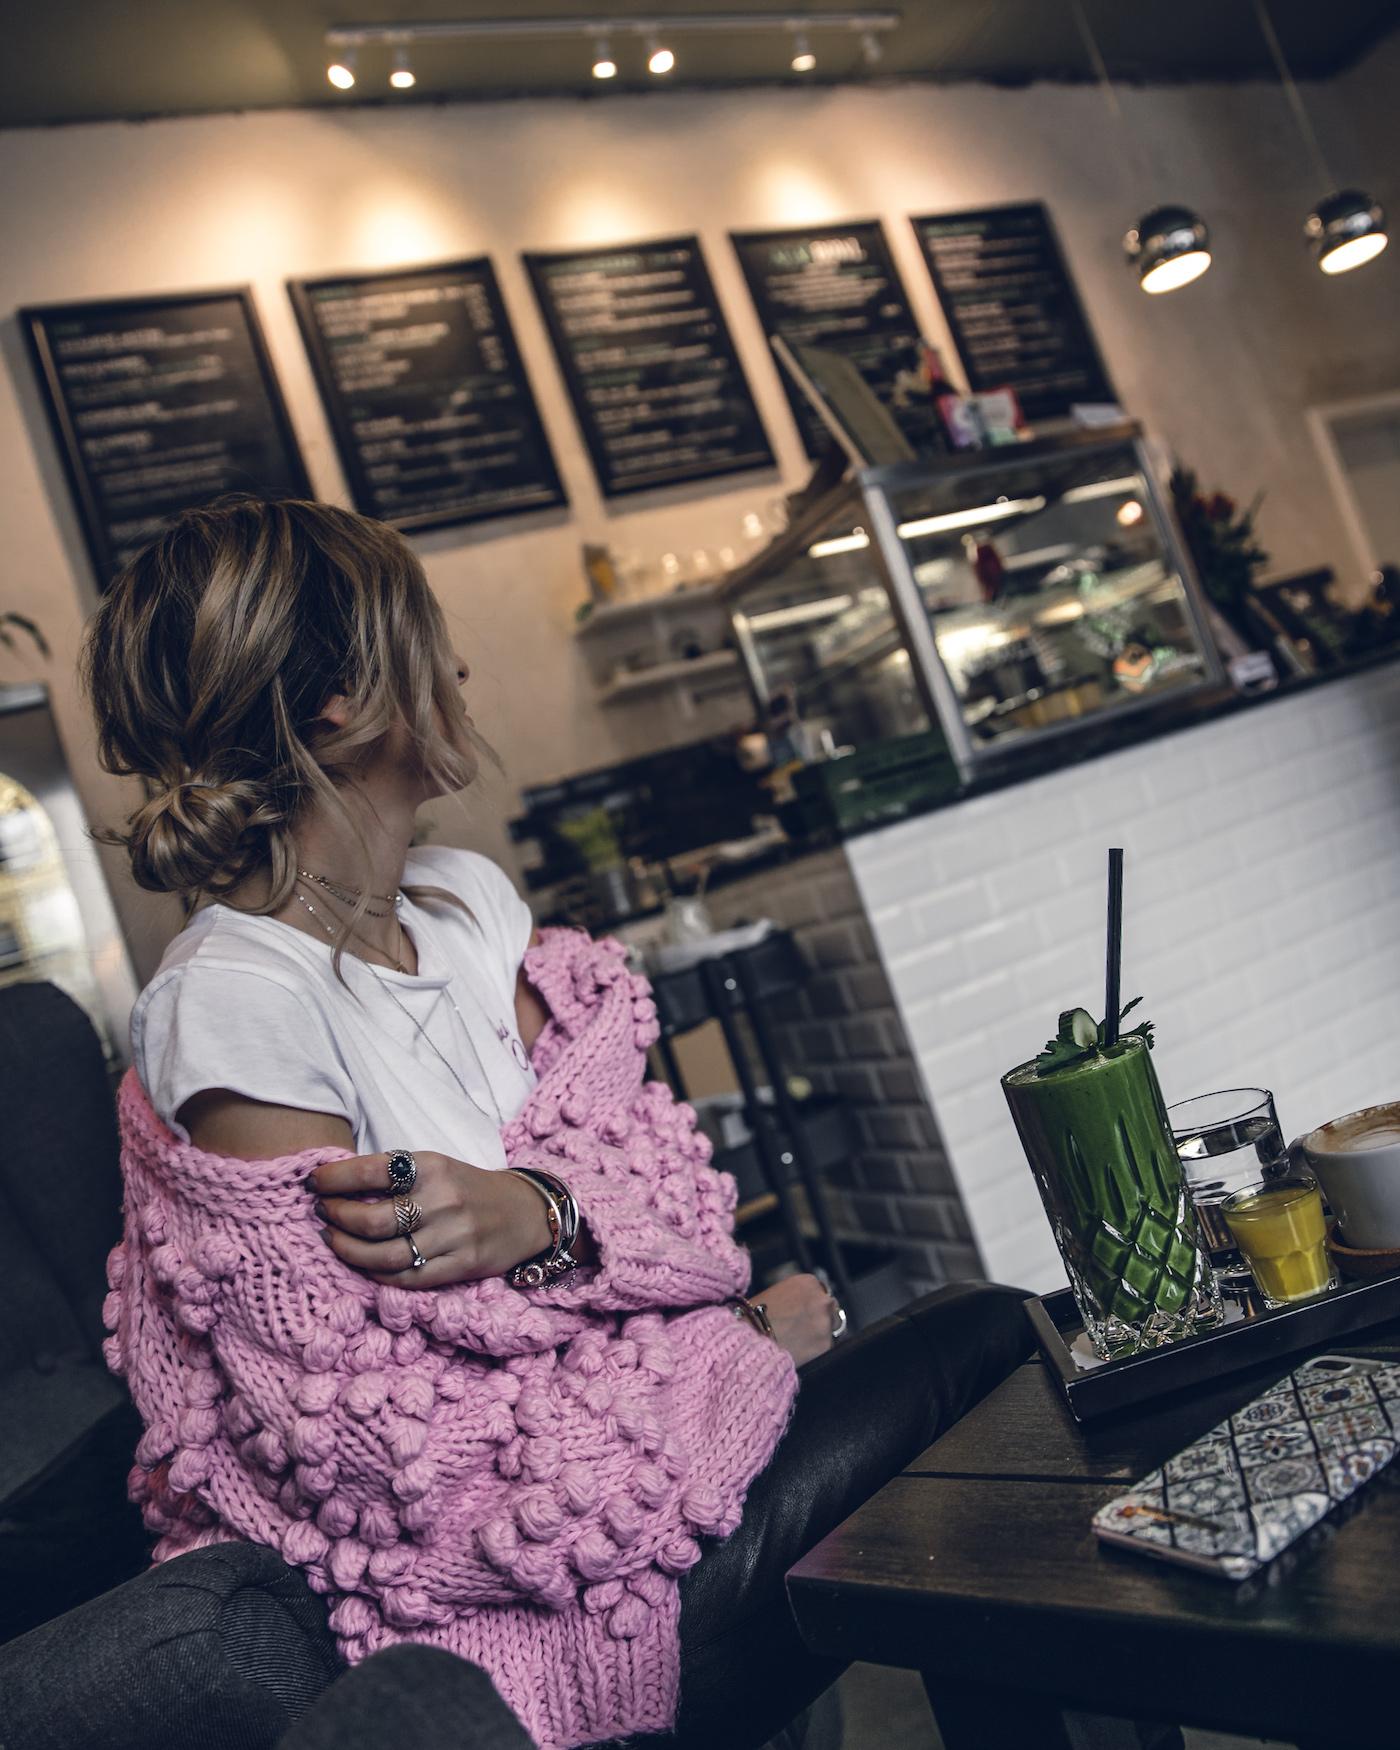 Beste Cafés Nürnberg Erlangen Nürnberg Food Guide Frühstück Brunch Gesund Vegan | Want Get Repeat Blog